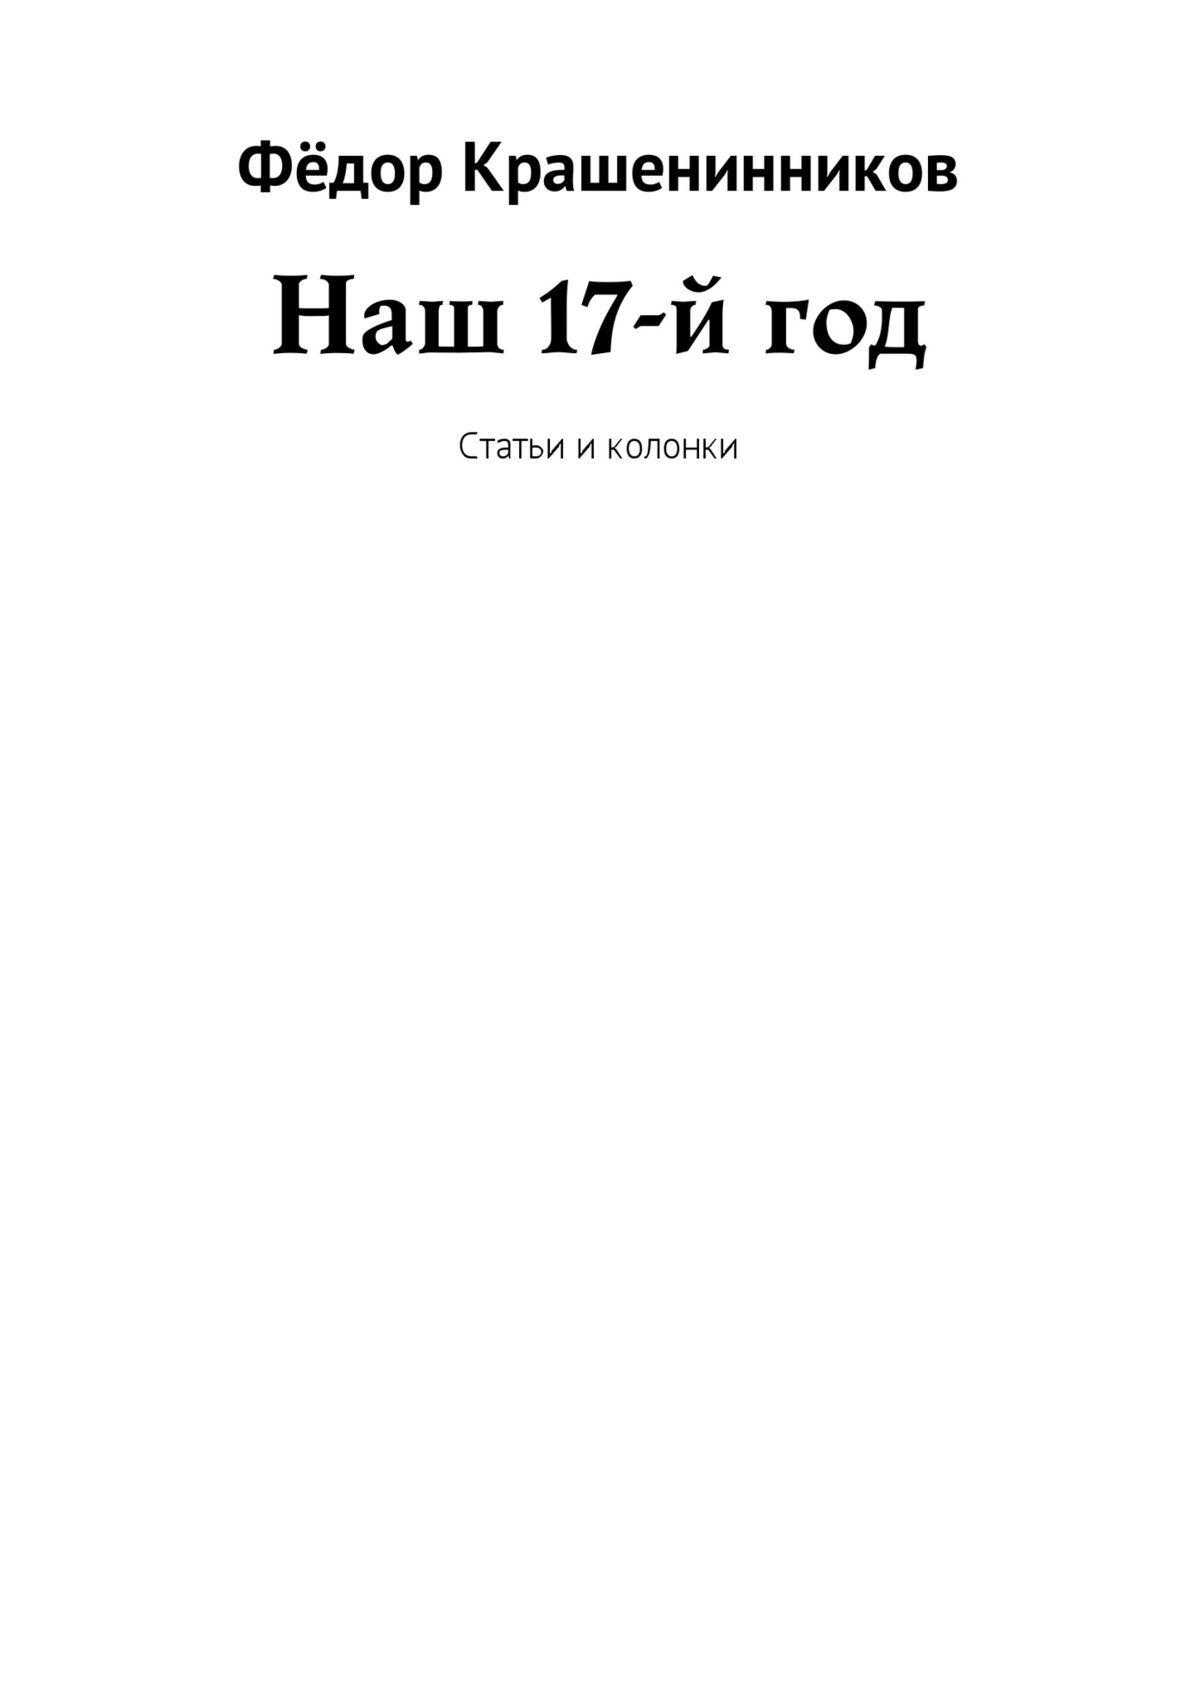 Фёдор Крашенинников Наш 17-й год. Статьи и колонки крашенинников фёдор наш 17 й год статьи и колонки